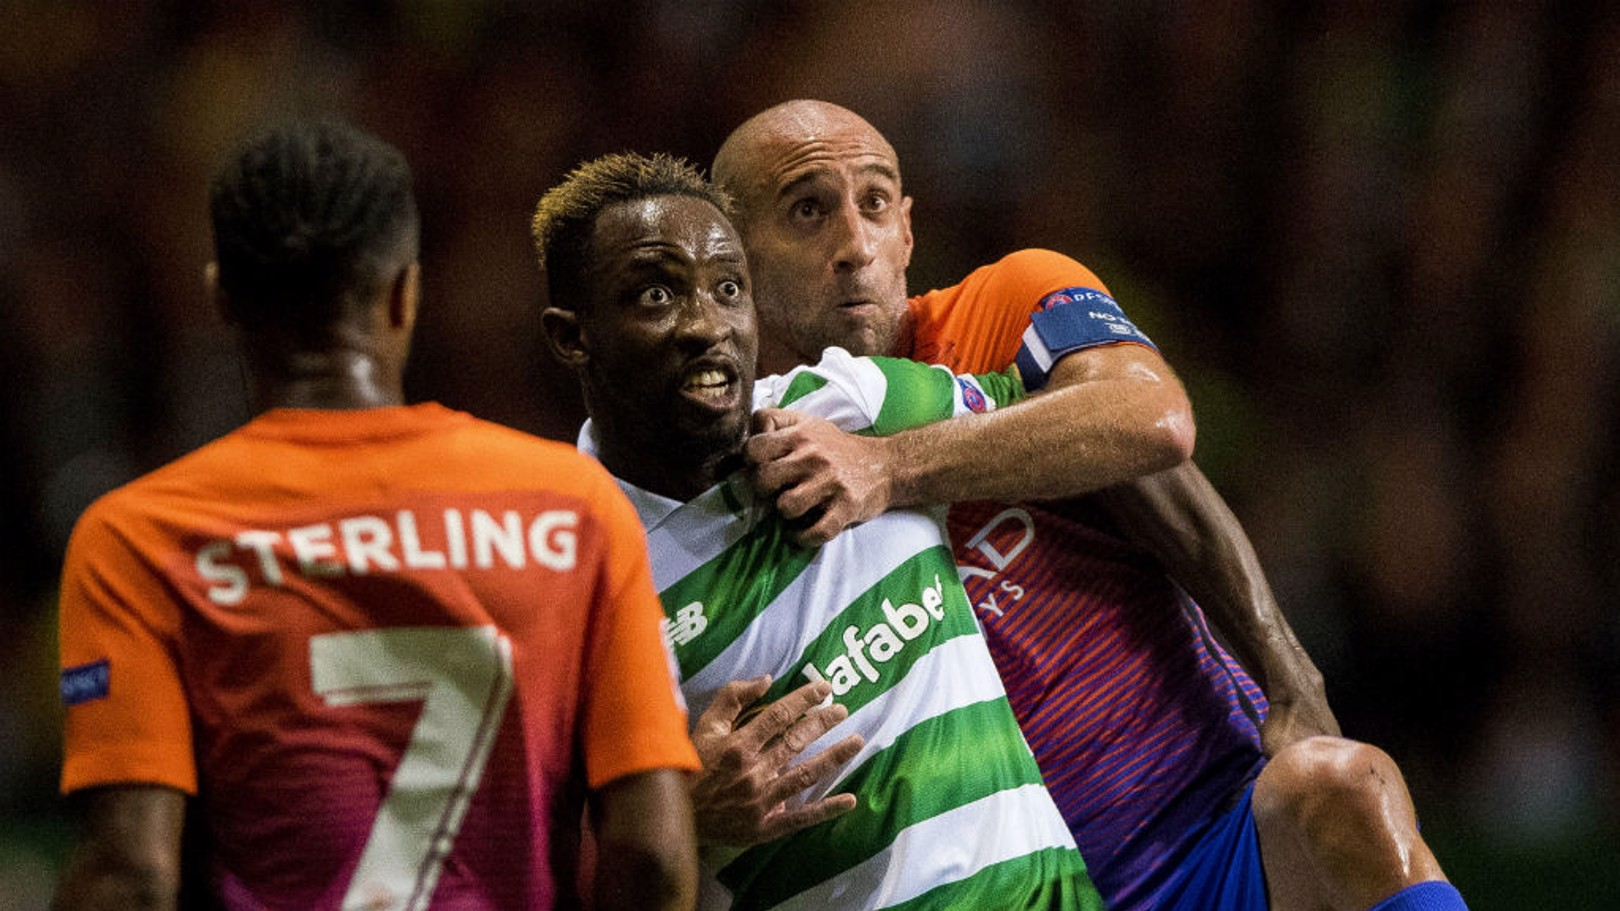 Celtic 3-3 City: Zabaleta proud of City spirit